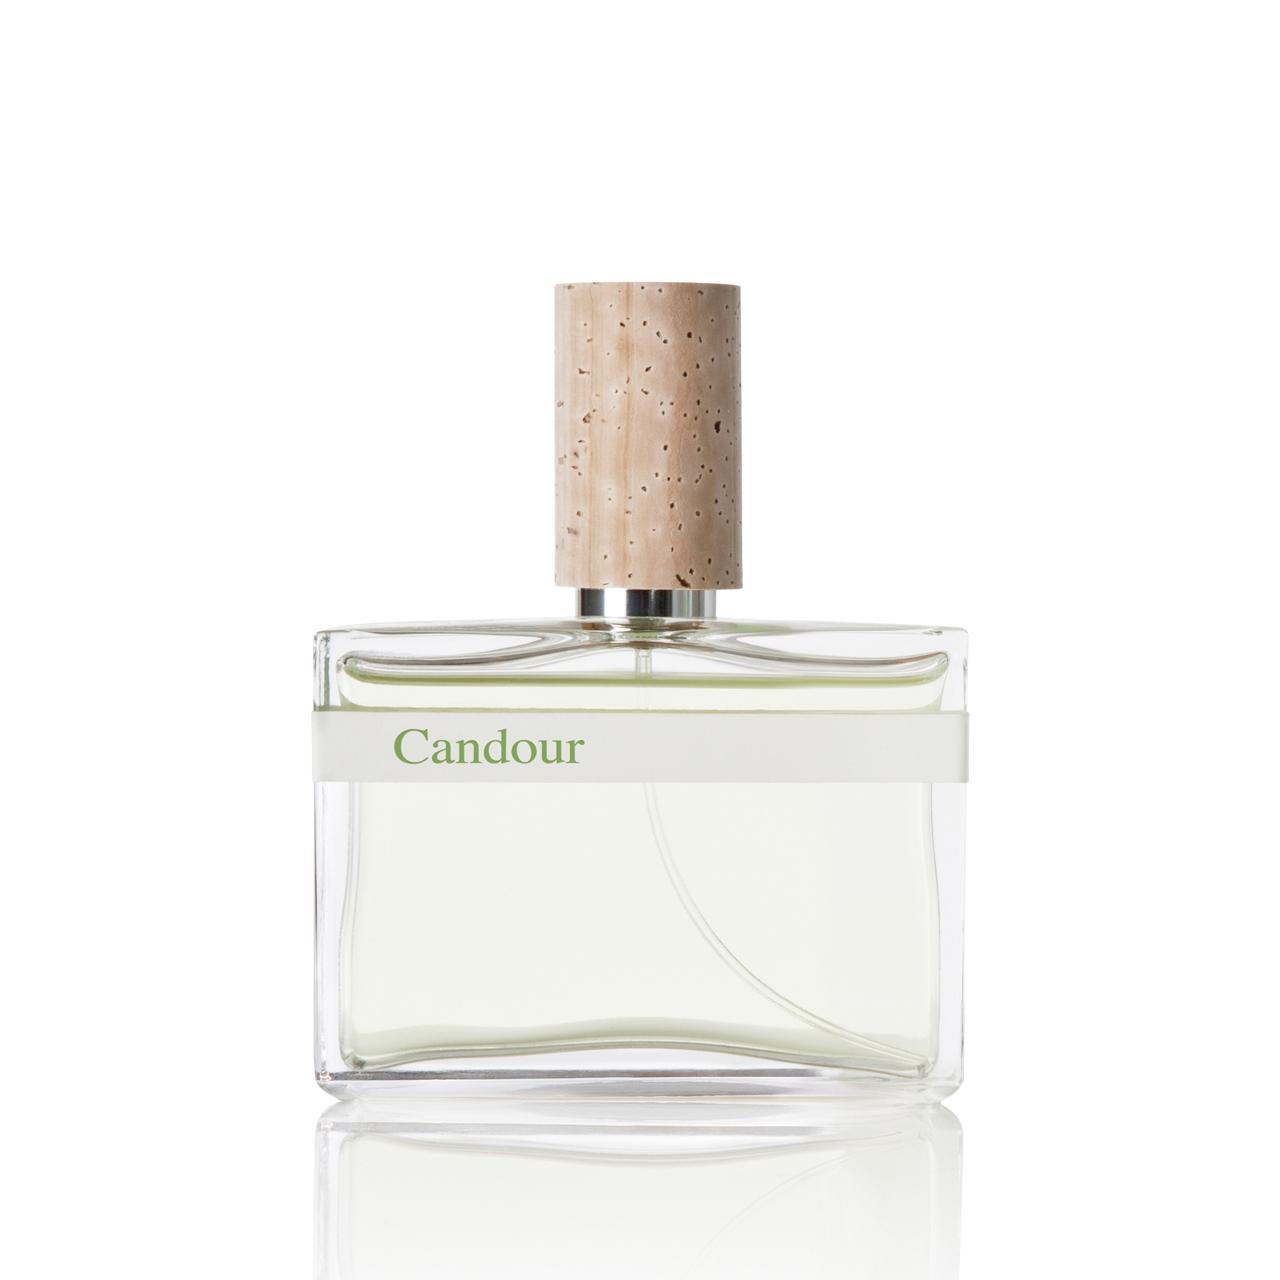 Candour - Eau de Toilette Concentrée